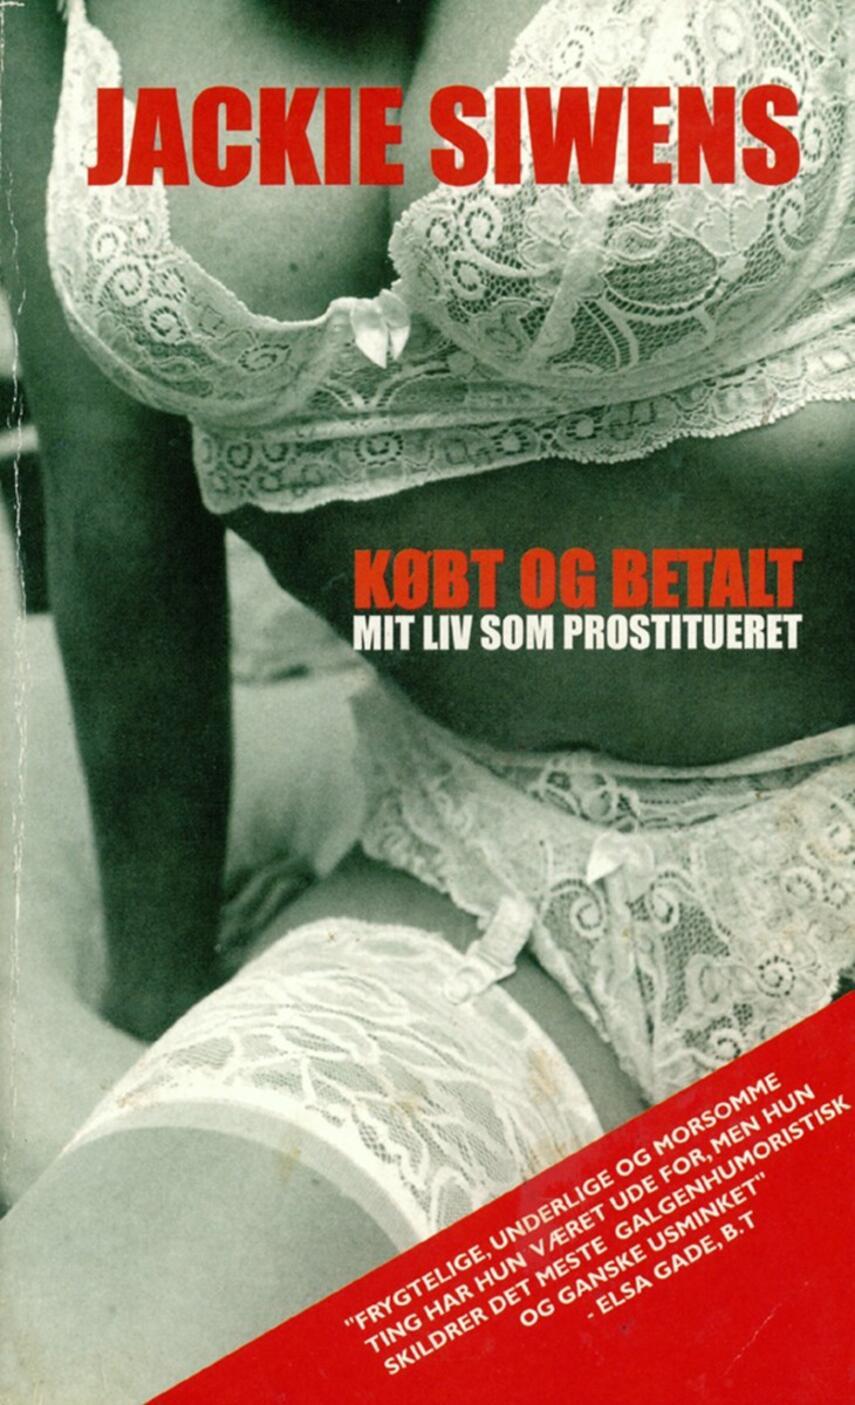 Jackie Siwens: Købt og betalt : mit liv som prostitueret